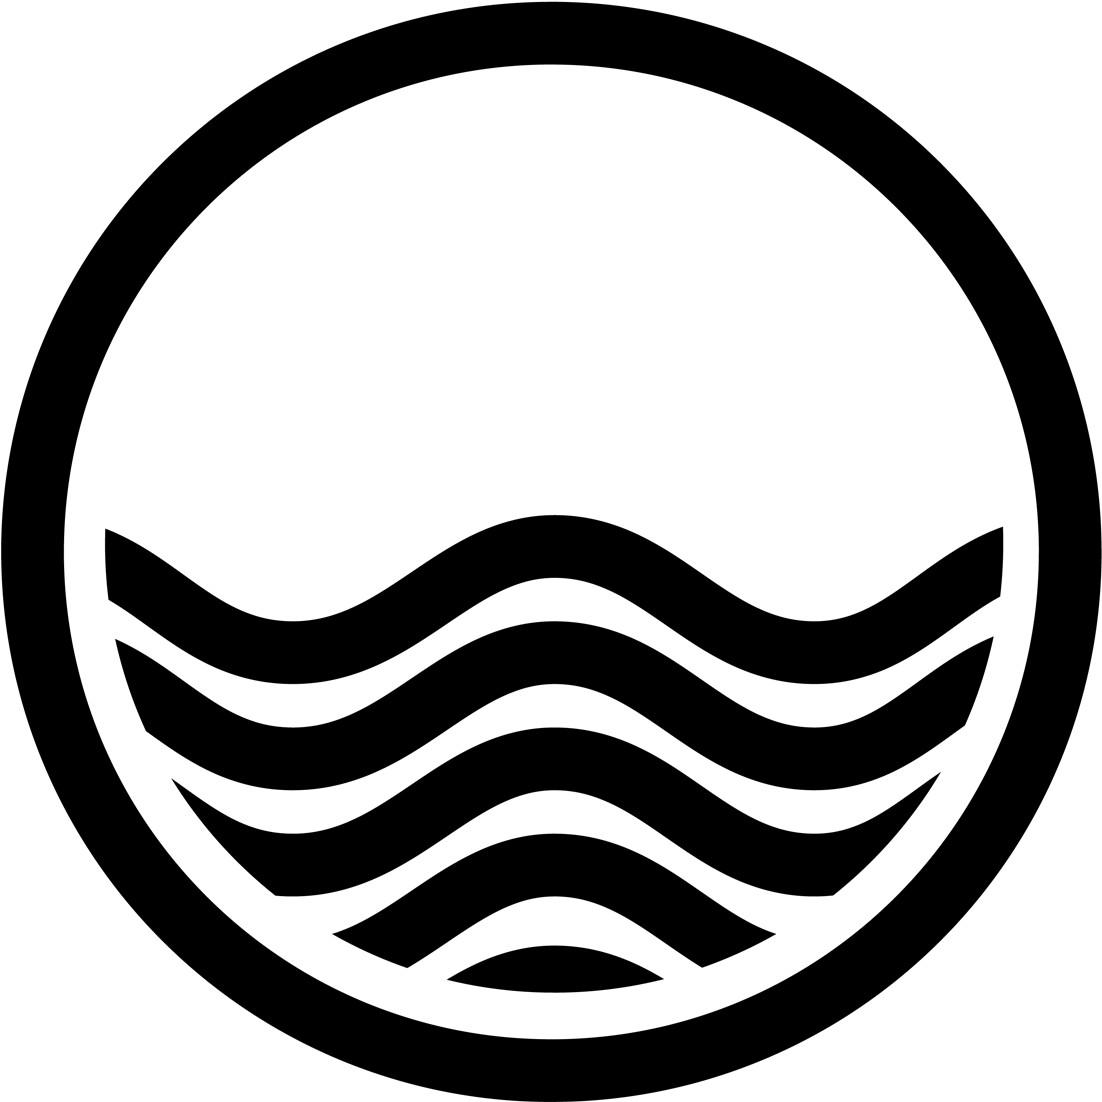 Ocean Waves Drawing Simple | Free download best Ocean Waves Drawing